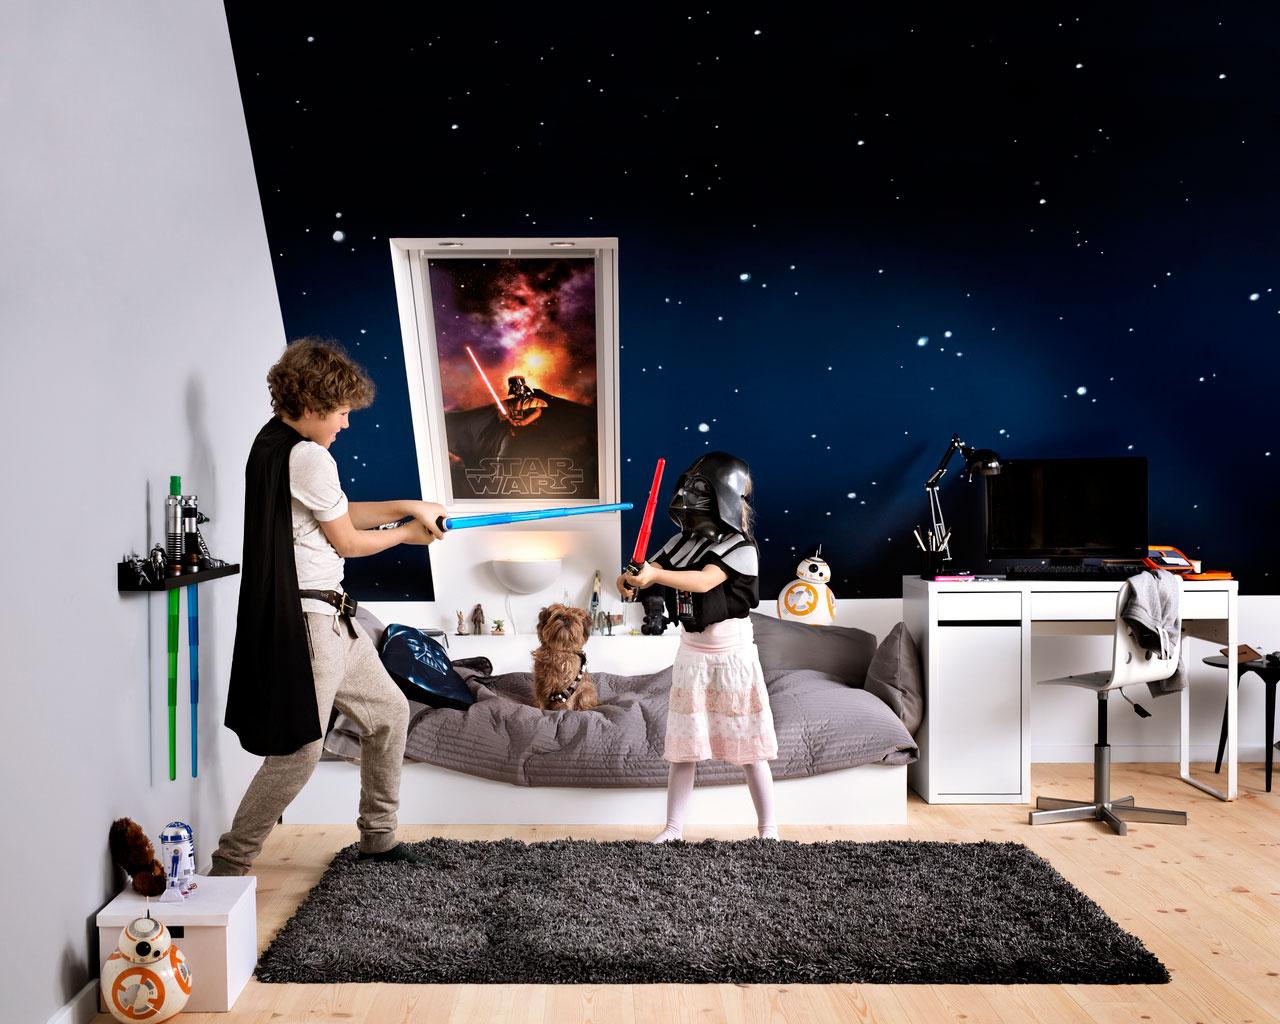 Motív Star Wars privedie hrdinov filmovej ságy do každej podkrovnej izby.